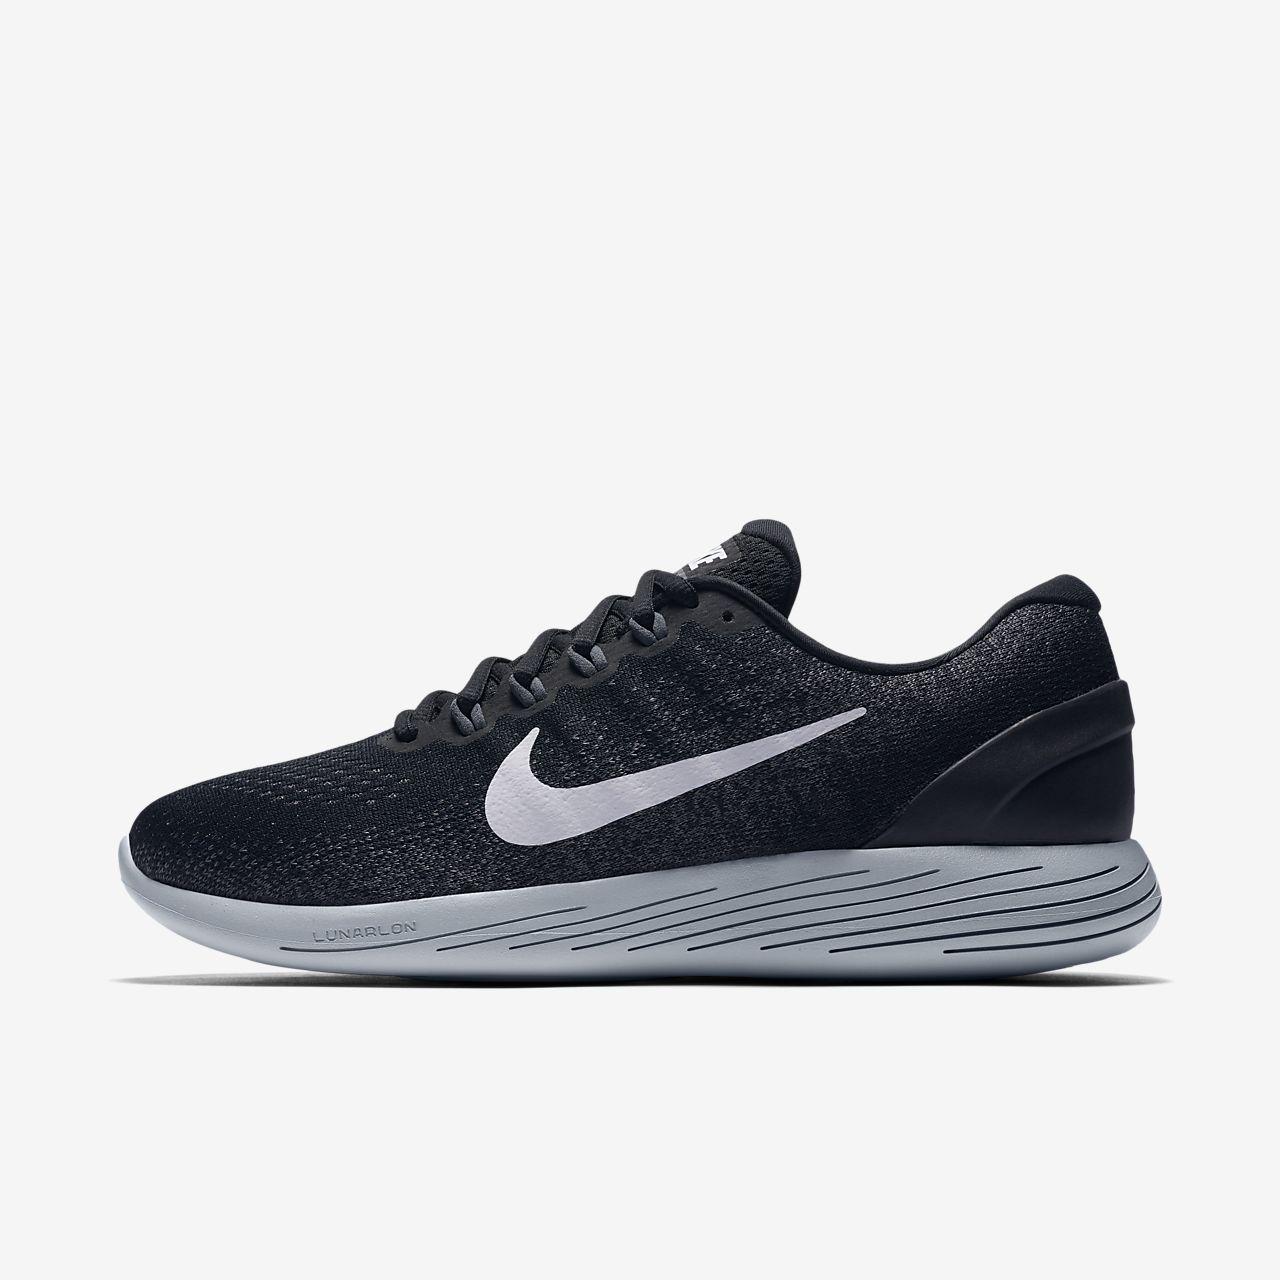 Hombres Nike Lunarglide Zapato Corriente footlocker fotos 2014 más reciente Compra en línea descuento con paypal VRAoR